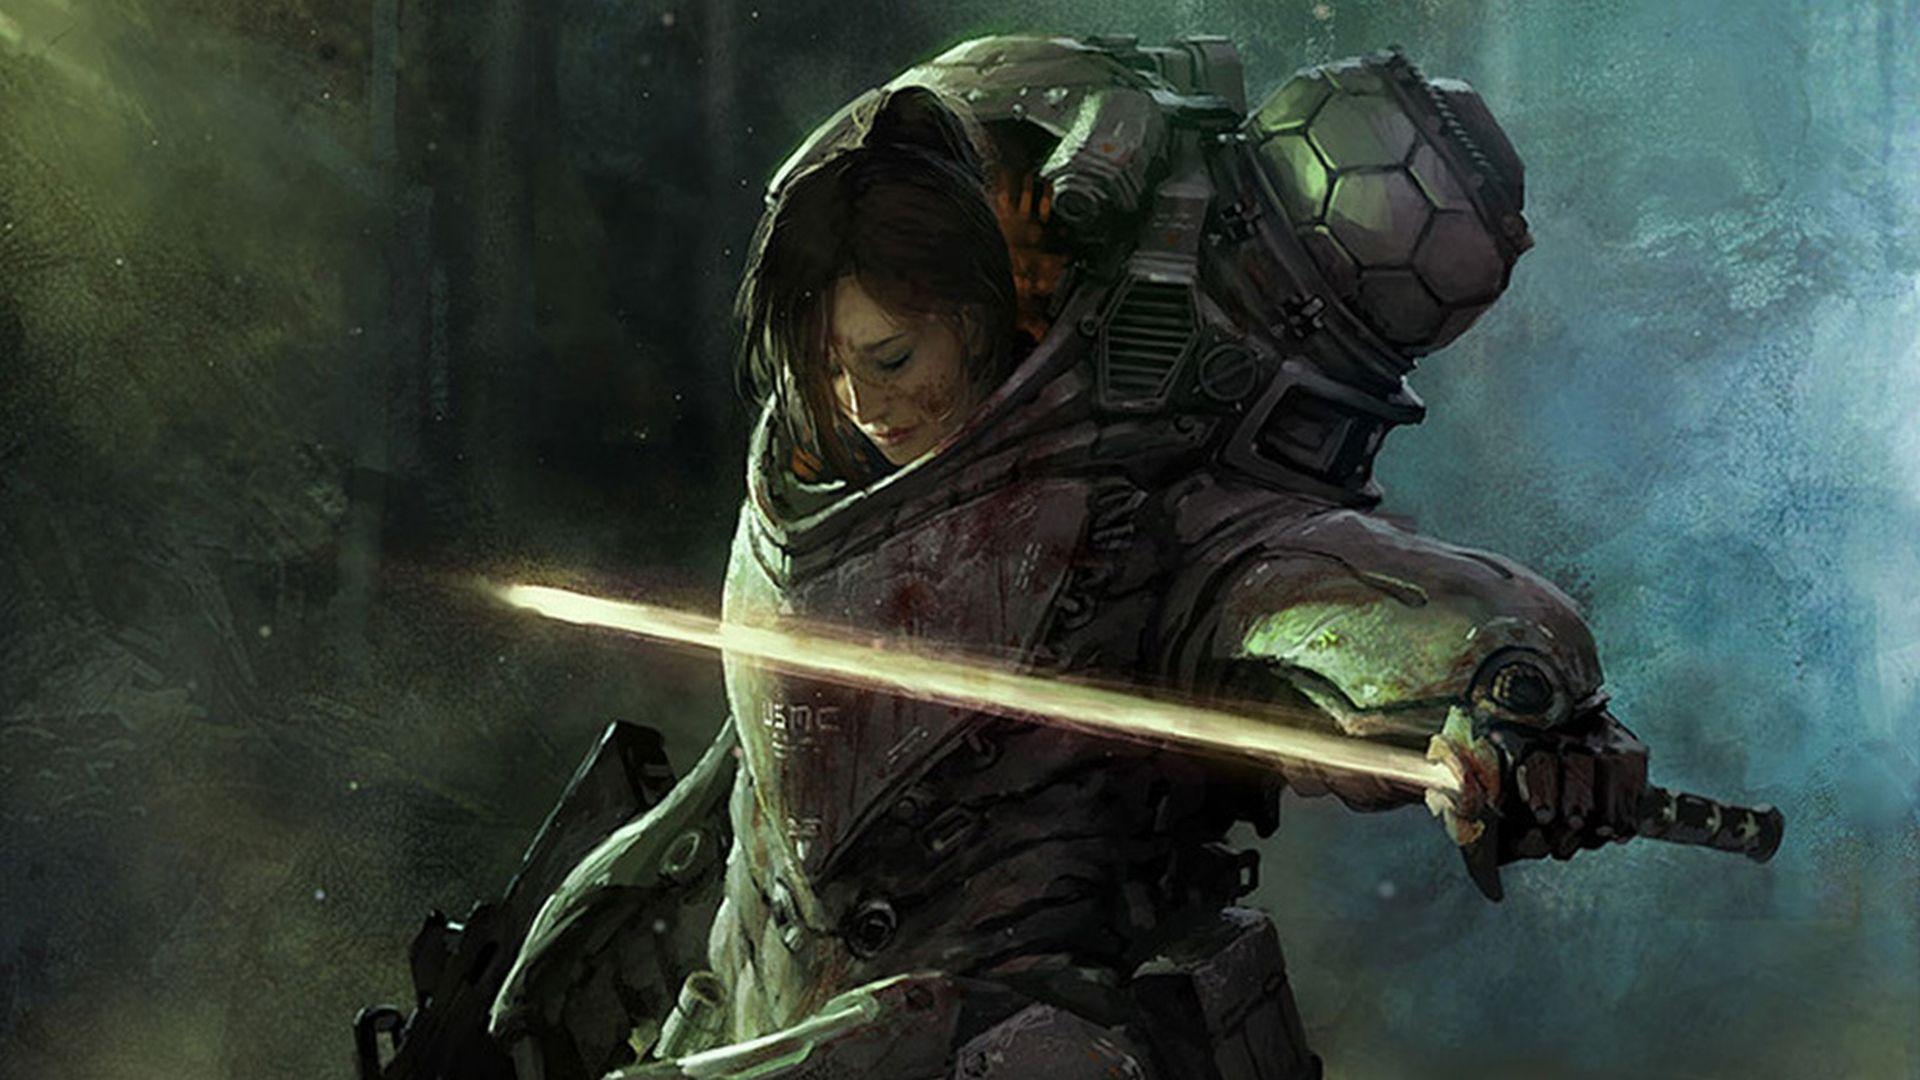 sci fi angels Sci Fi Women Warrior Wallpaper